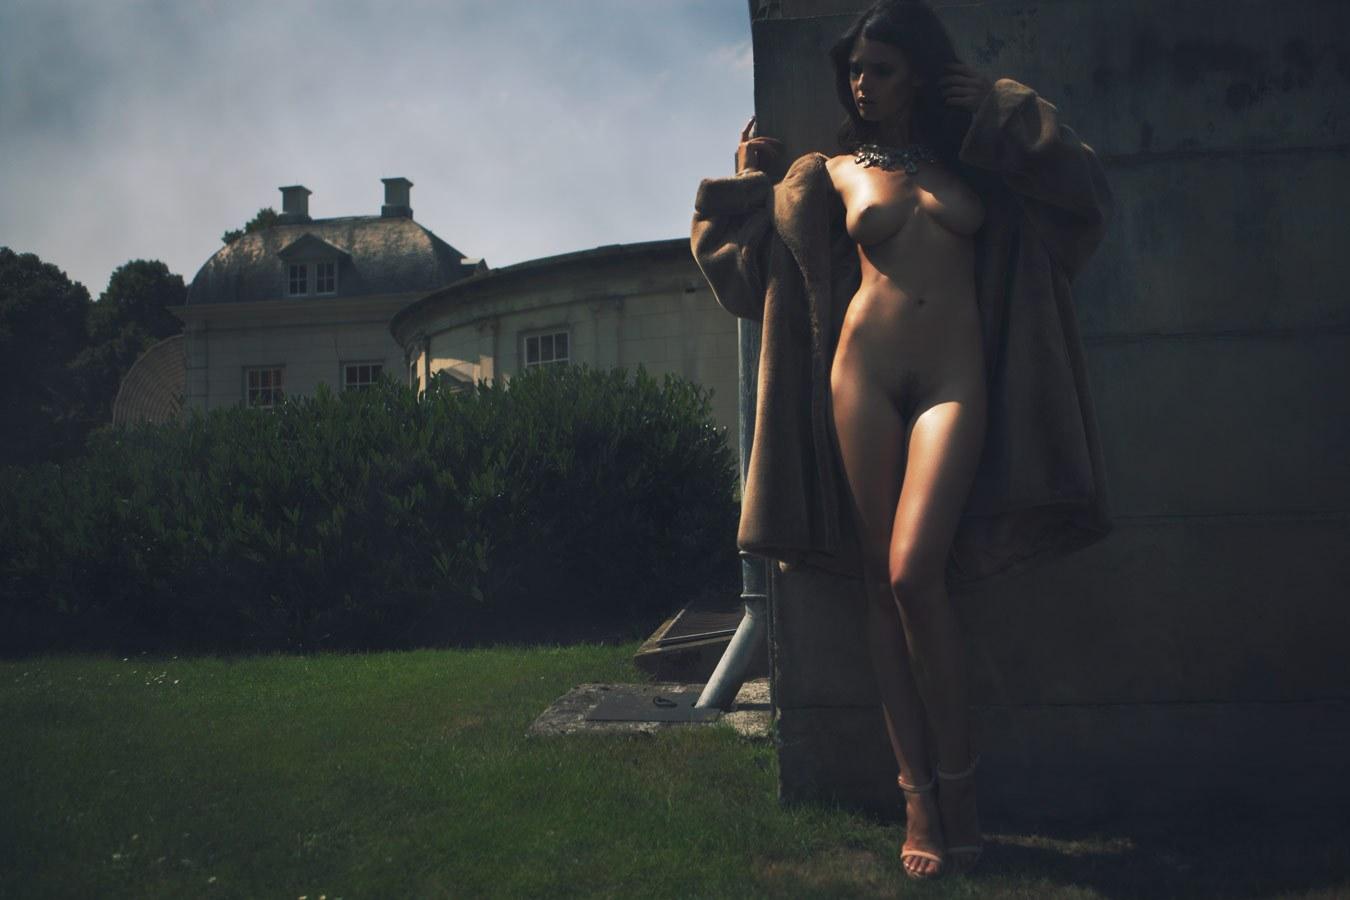 Zoi Gorman by Ivor Paanakker